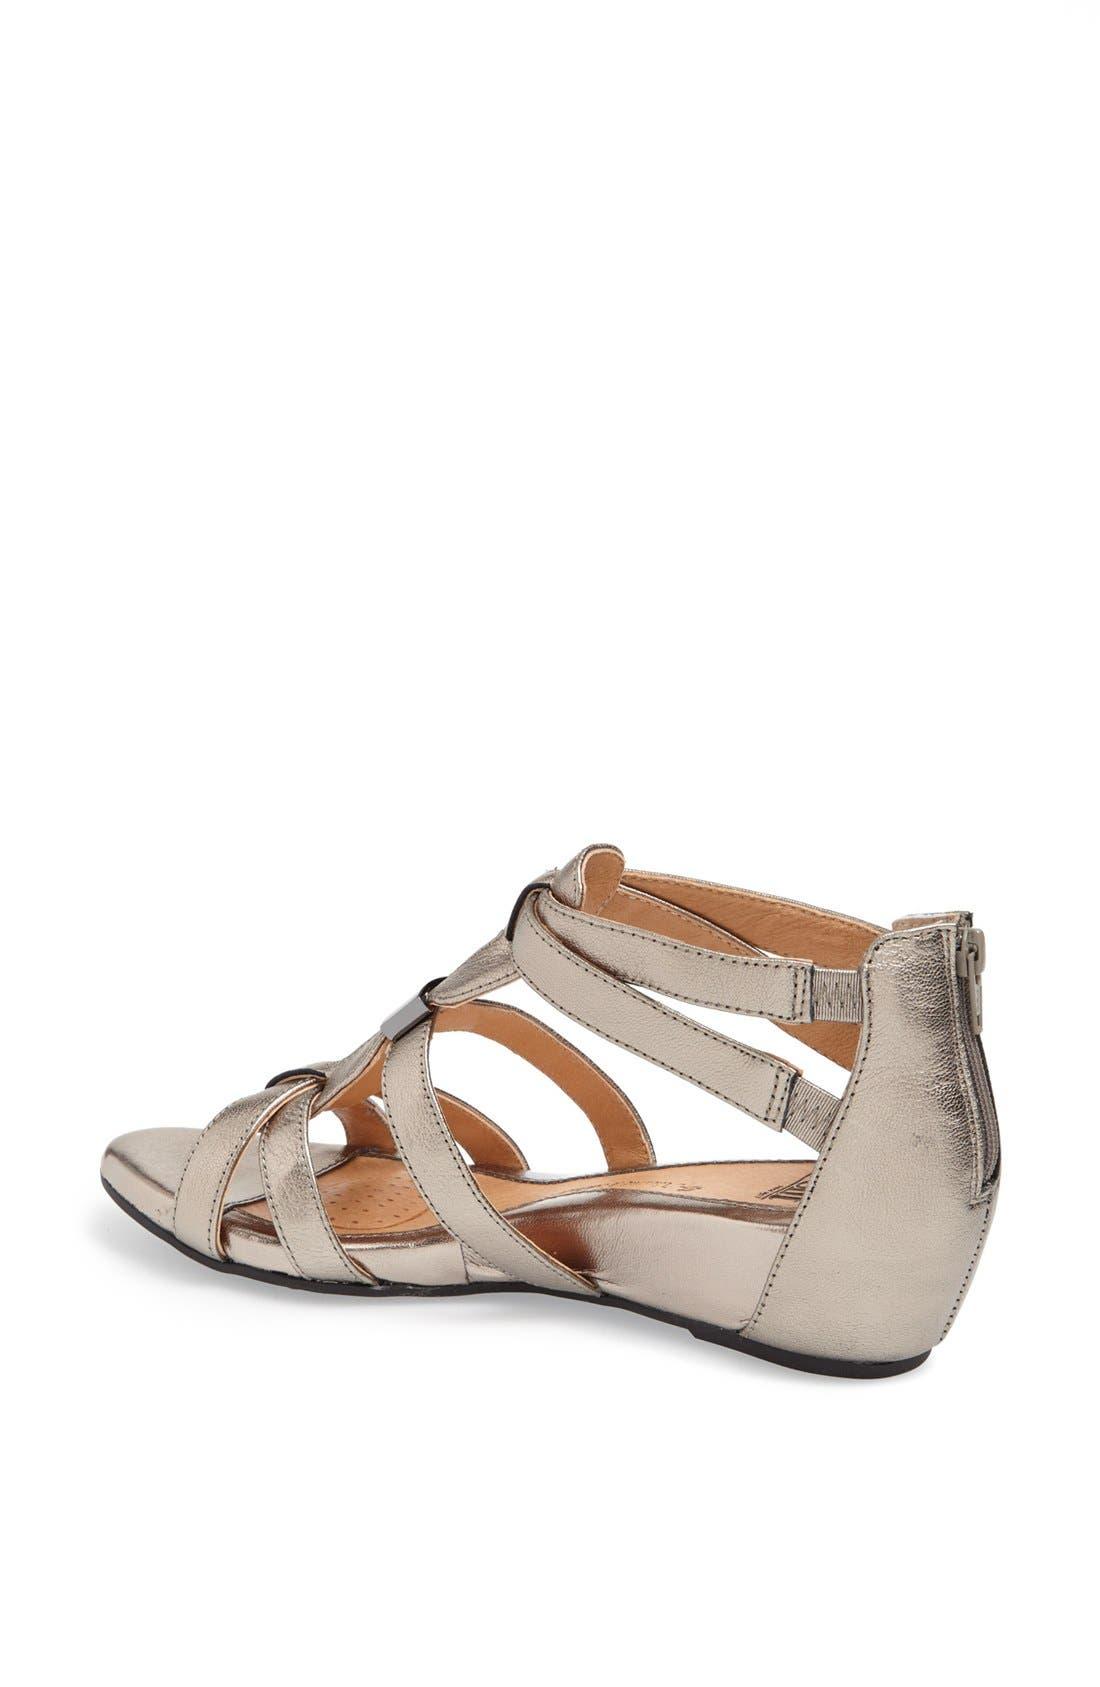 Alternate Image 2  - Söfft 'Bernia' Sandal